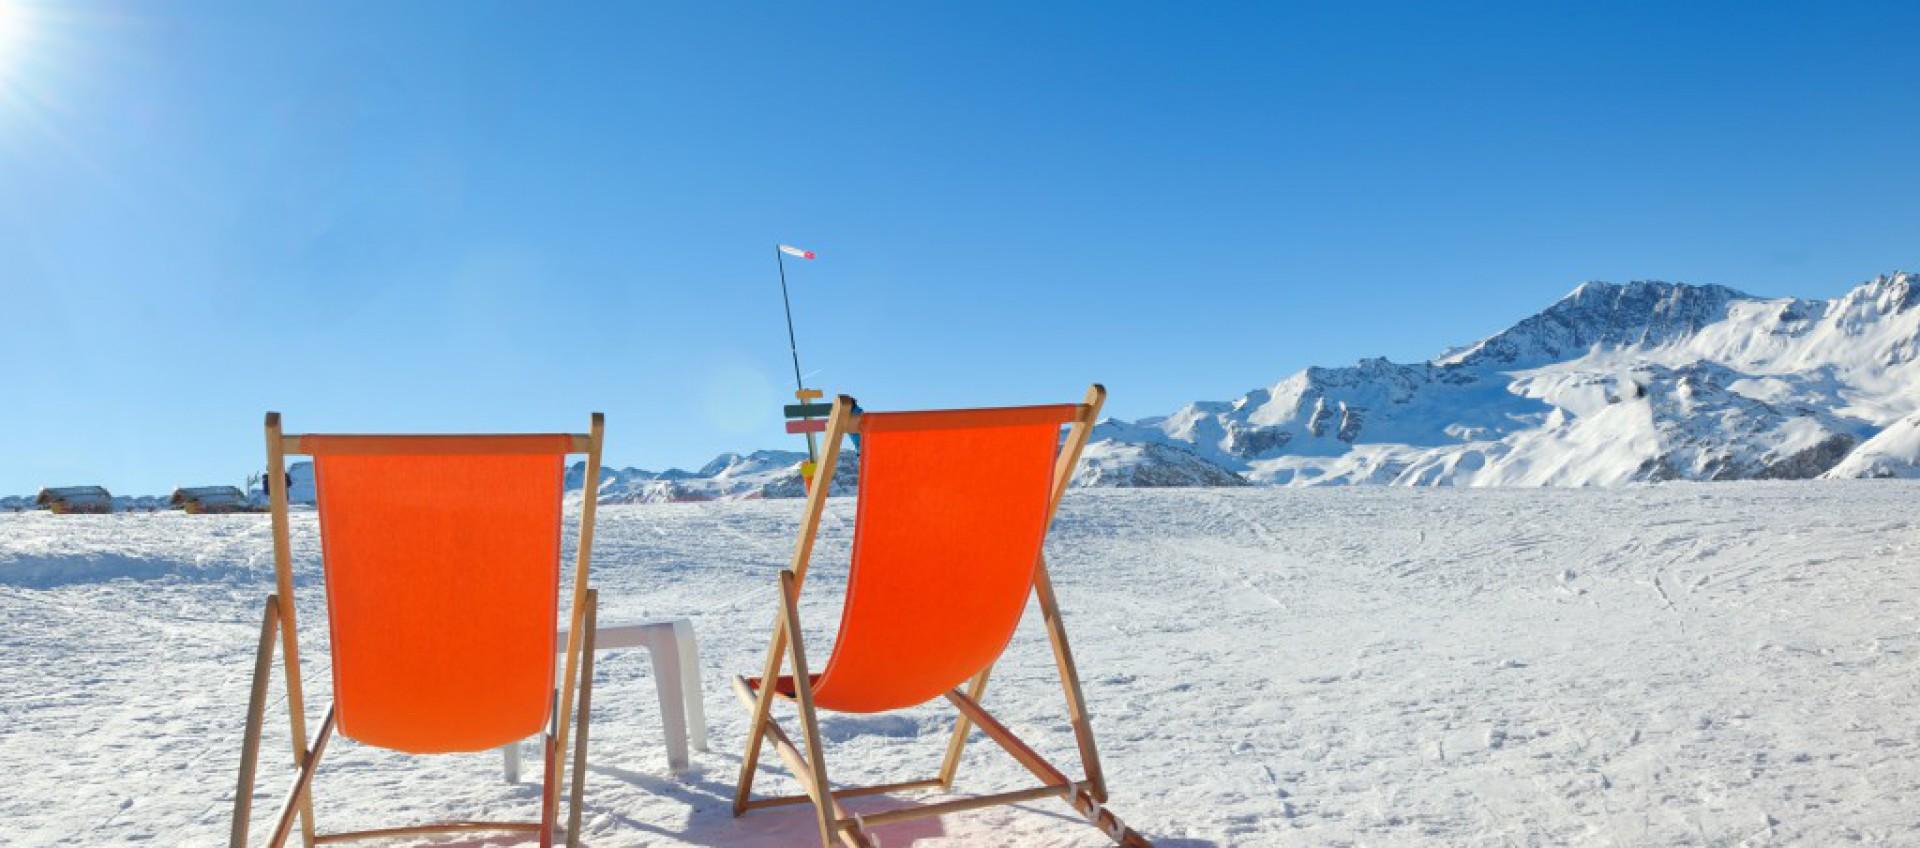 Fermeture pour congés d'hiver du dimanche 28 février inclus au dimanche 7 mars inclus.